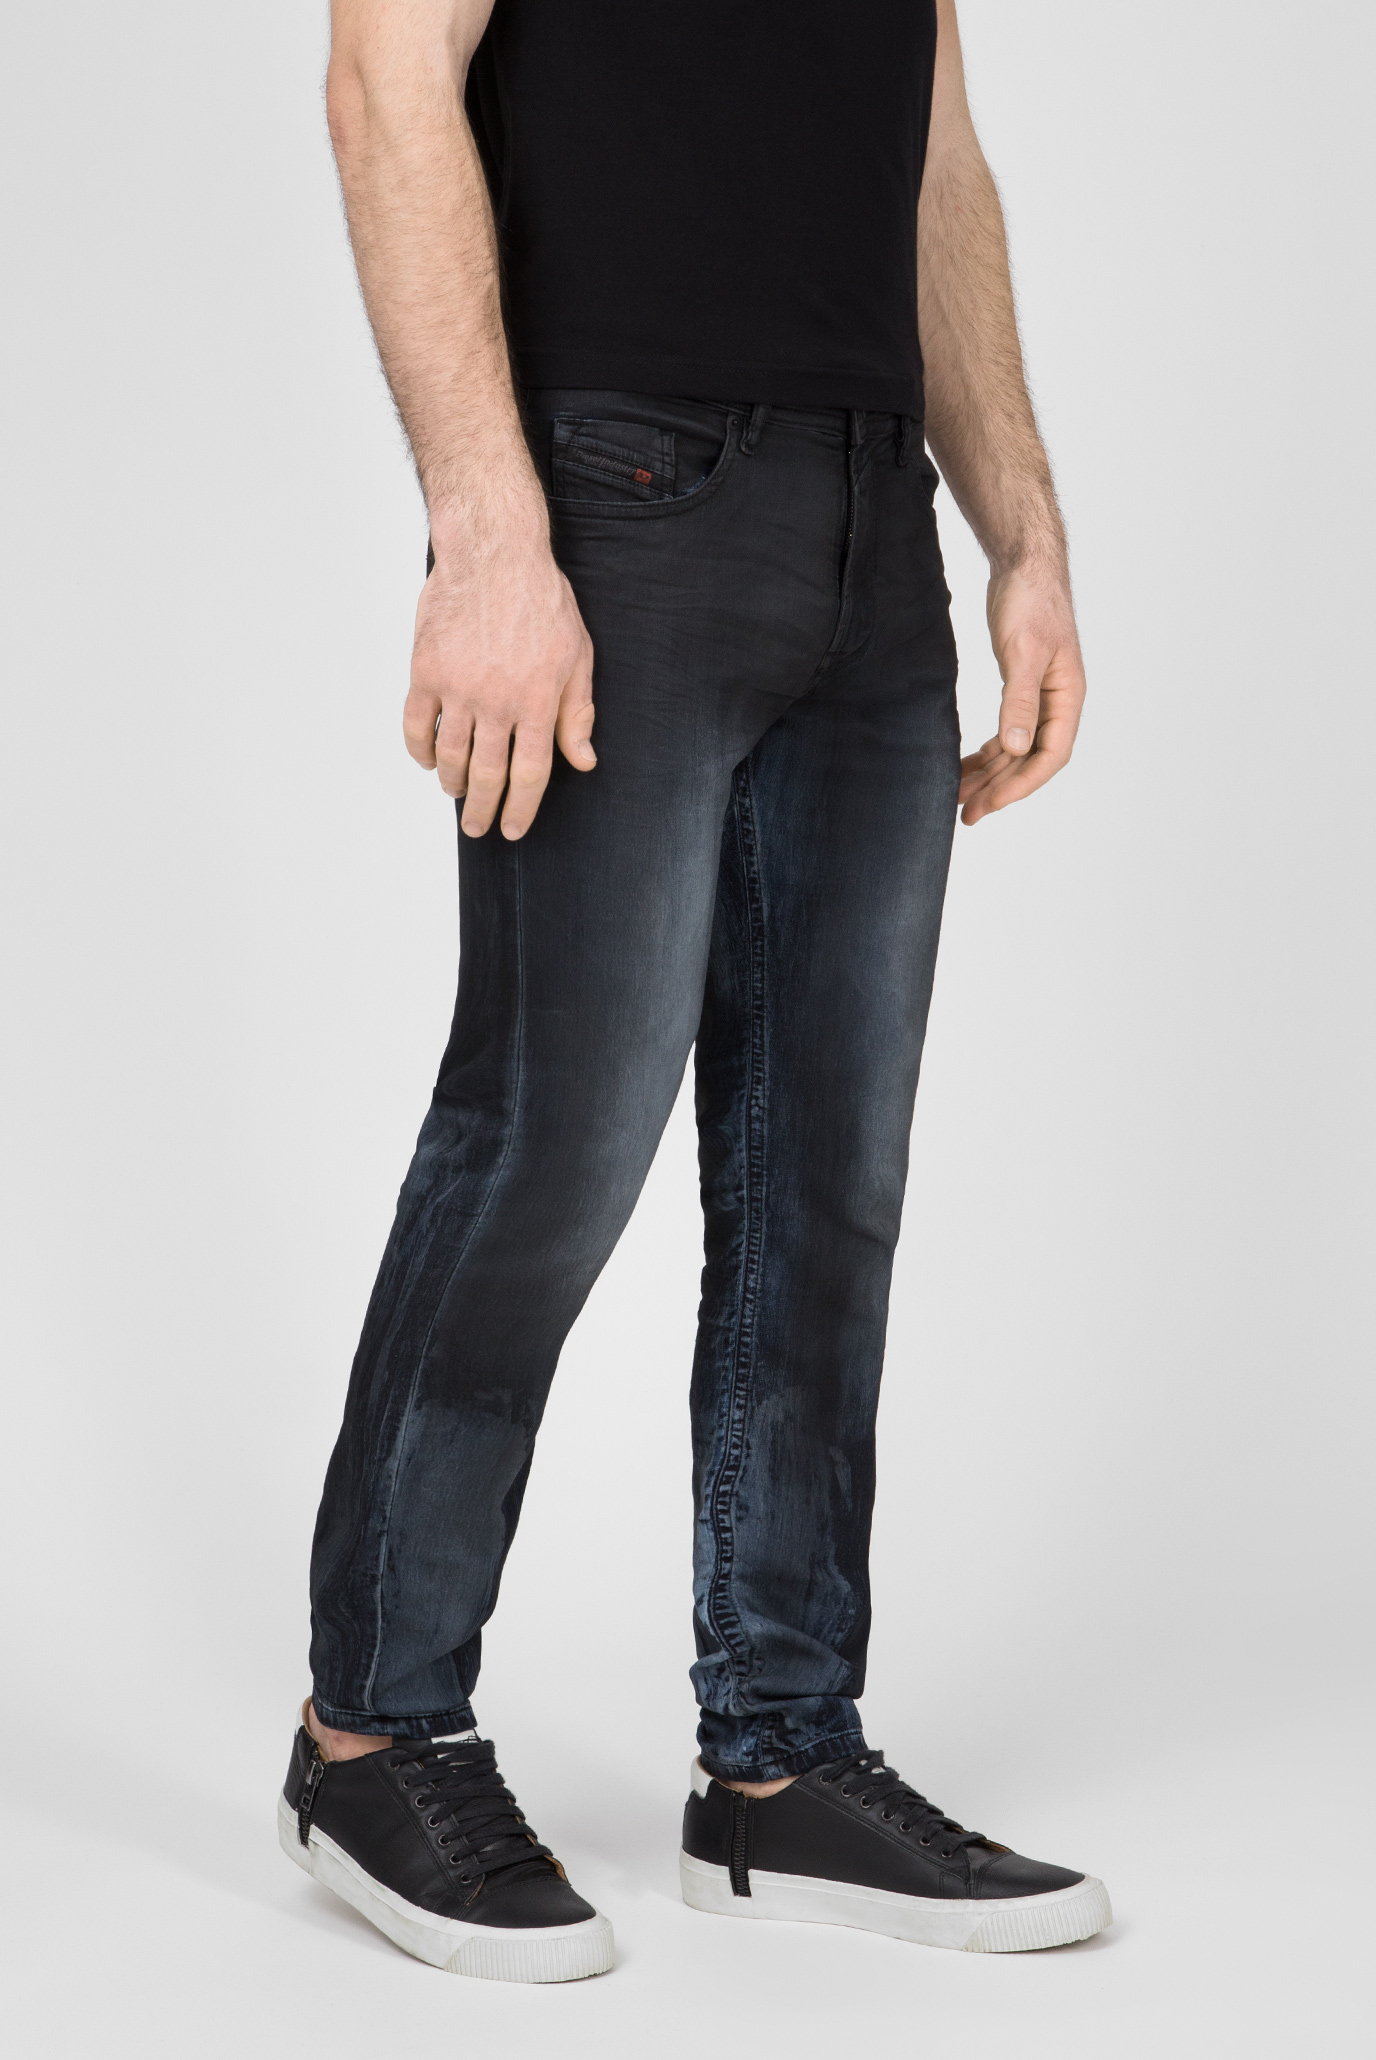 Купить Мужские темно-синие джинсы THOMMER CB-NE Sweat Jeans Diesel Diesel 00S8MK 086AZ – Киев, Украина. Цены в интернет магазине MD Fashion